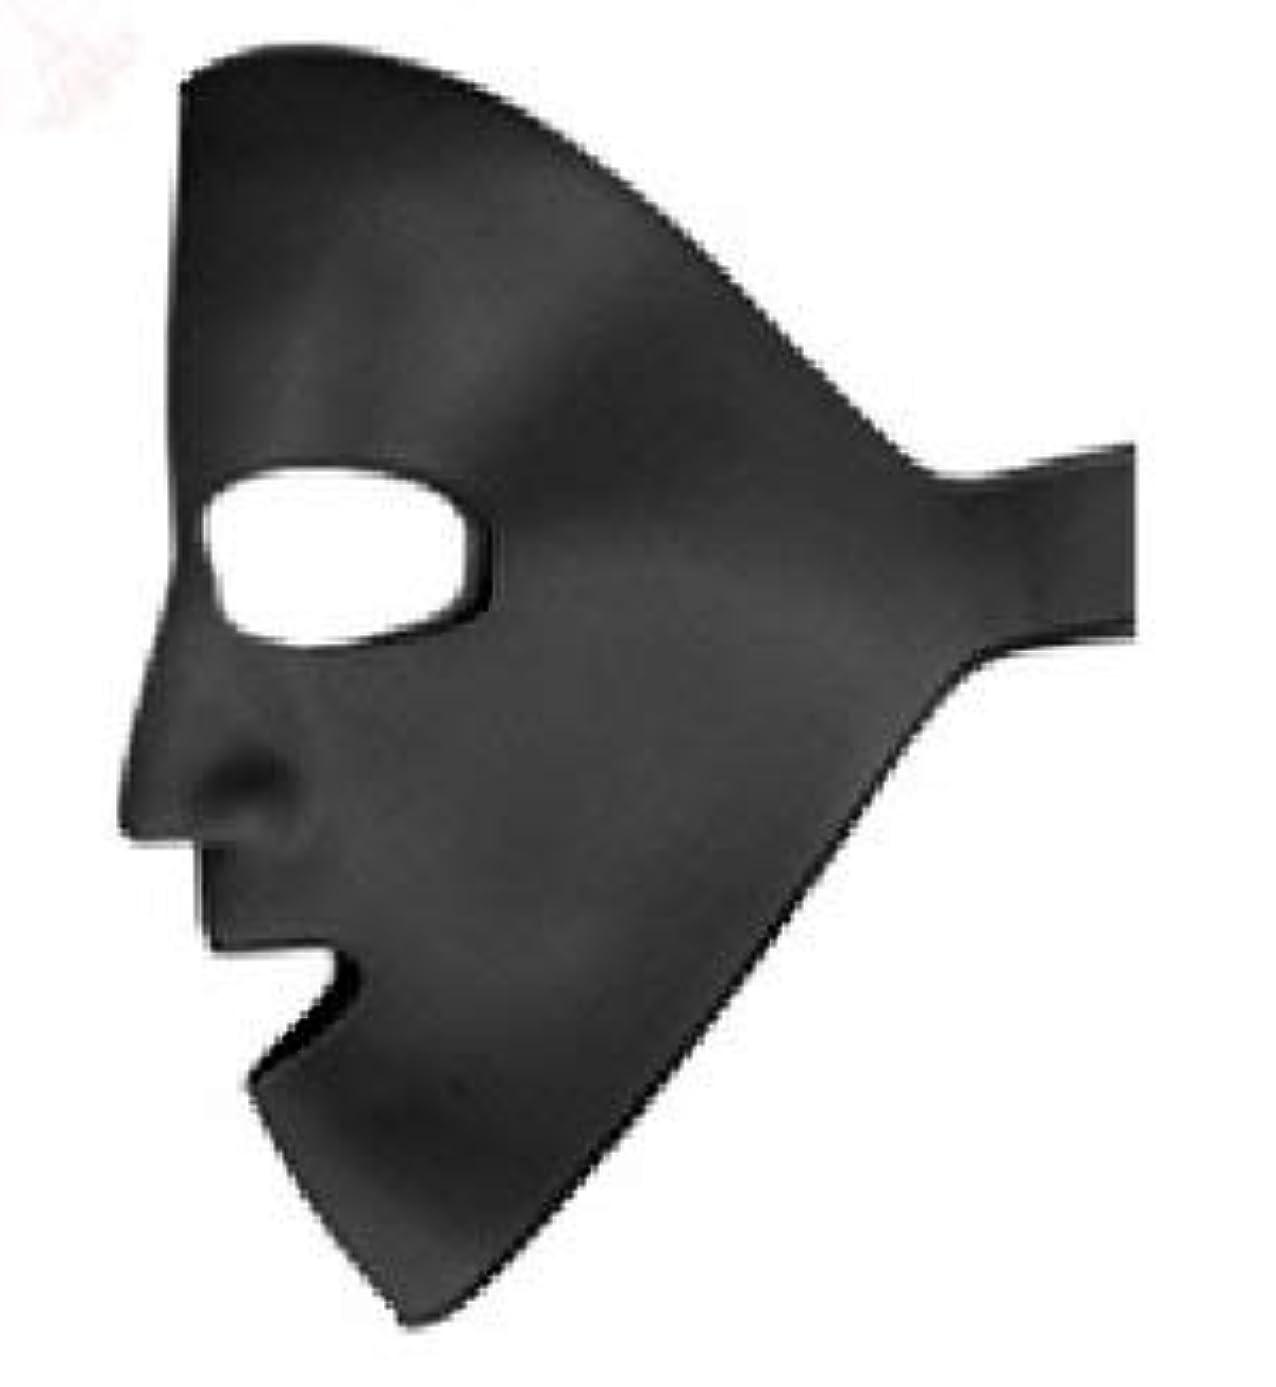 格差私たち自身しょっぱいAPHROS(アフロス) フェイスマスク (黒)